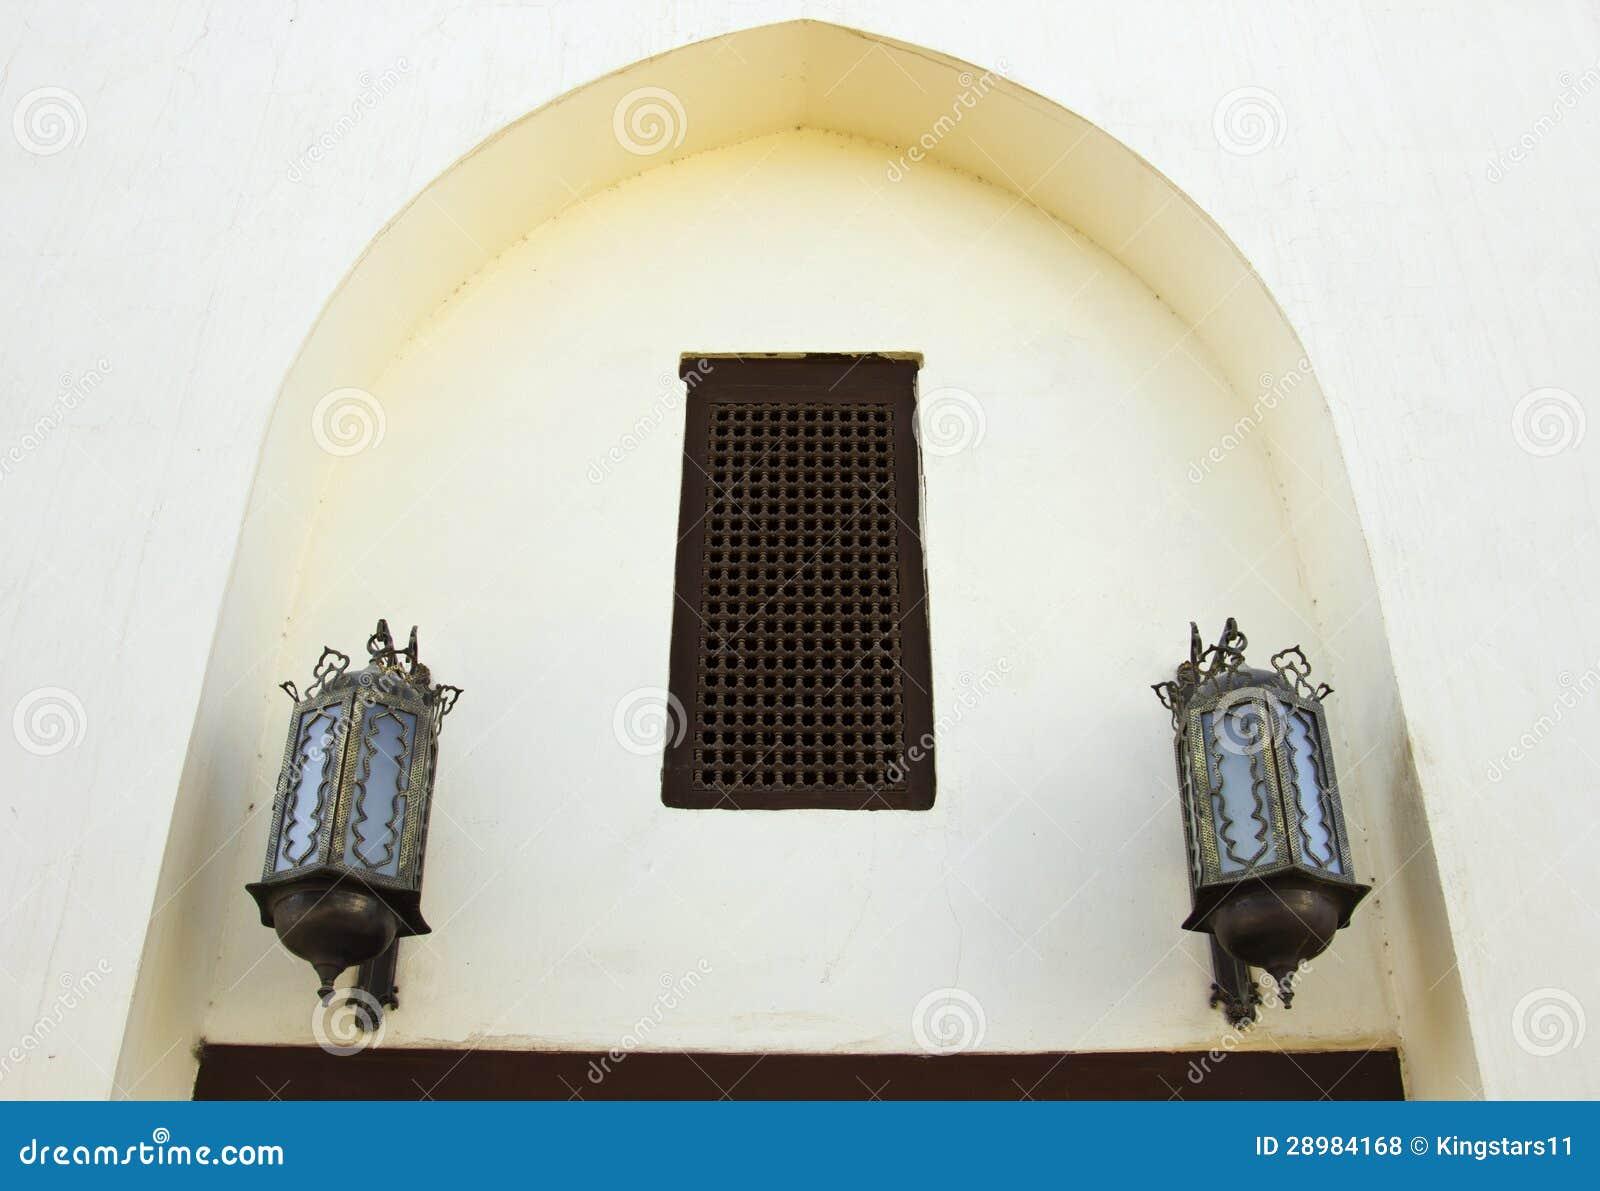 hangende arabische lampen stock foto afbeelding bestaande uit citadel 28984168. Black Bedroom Furniture Sets. Home Design Ideas